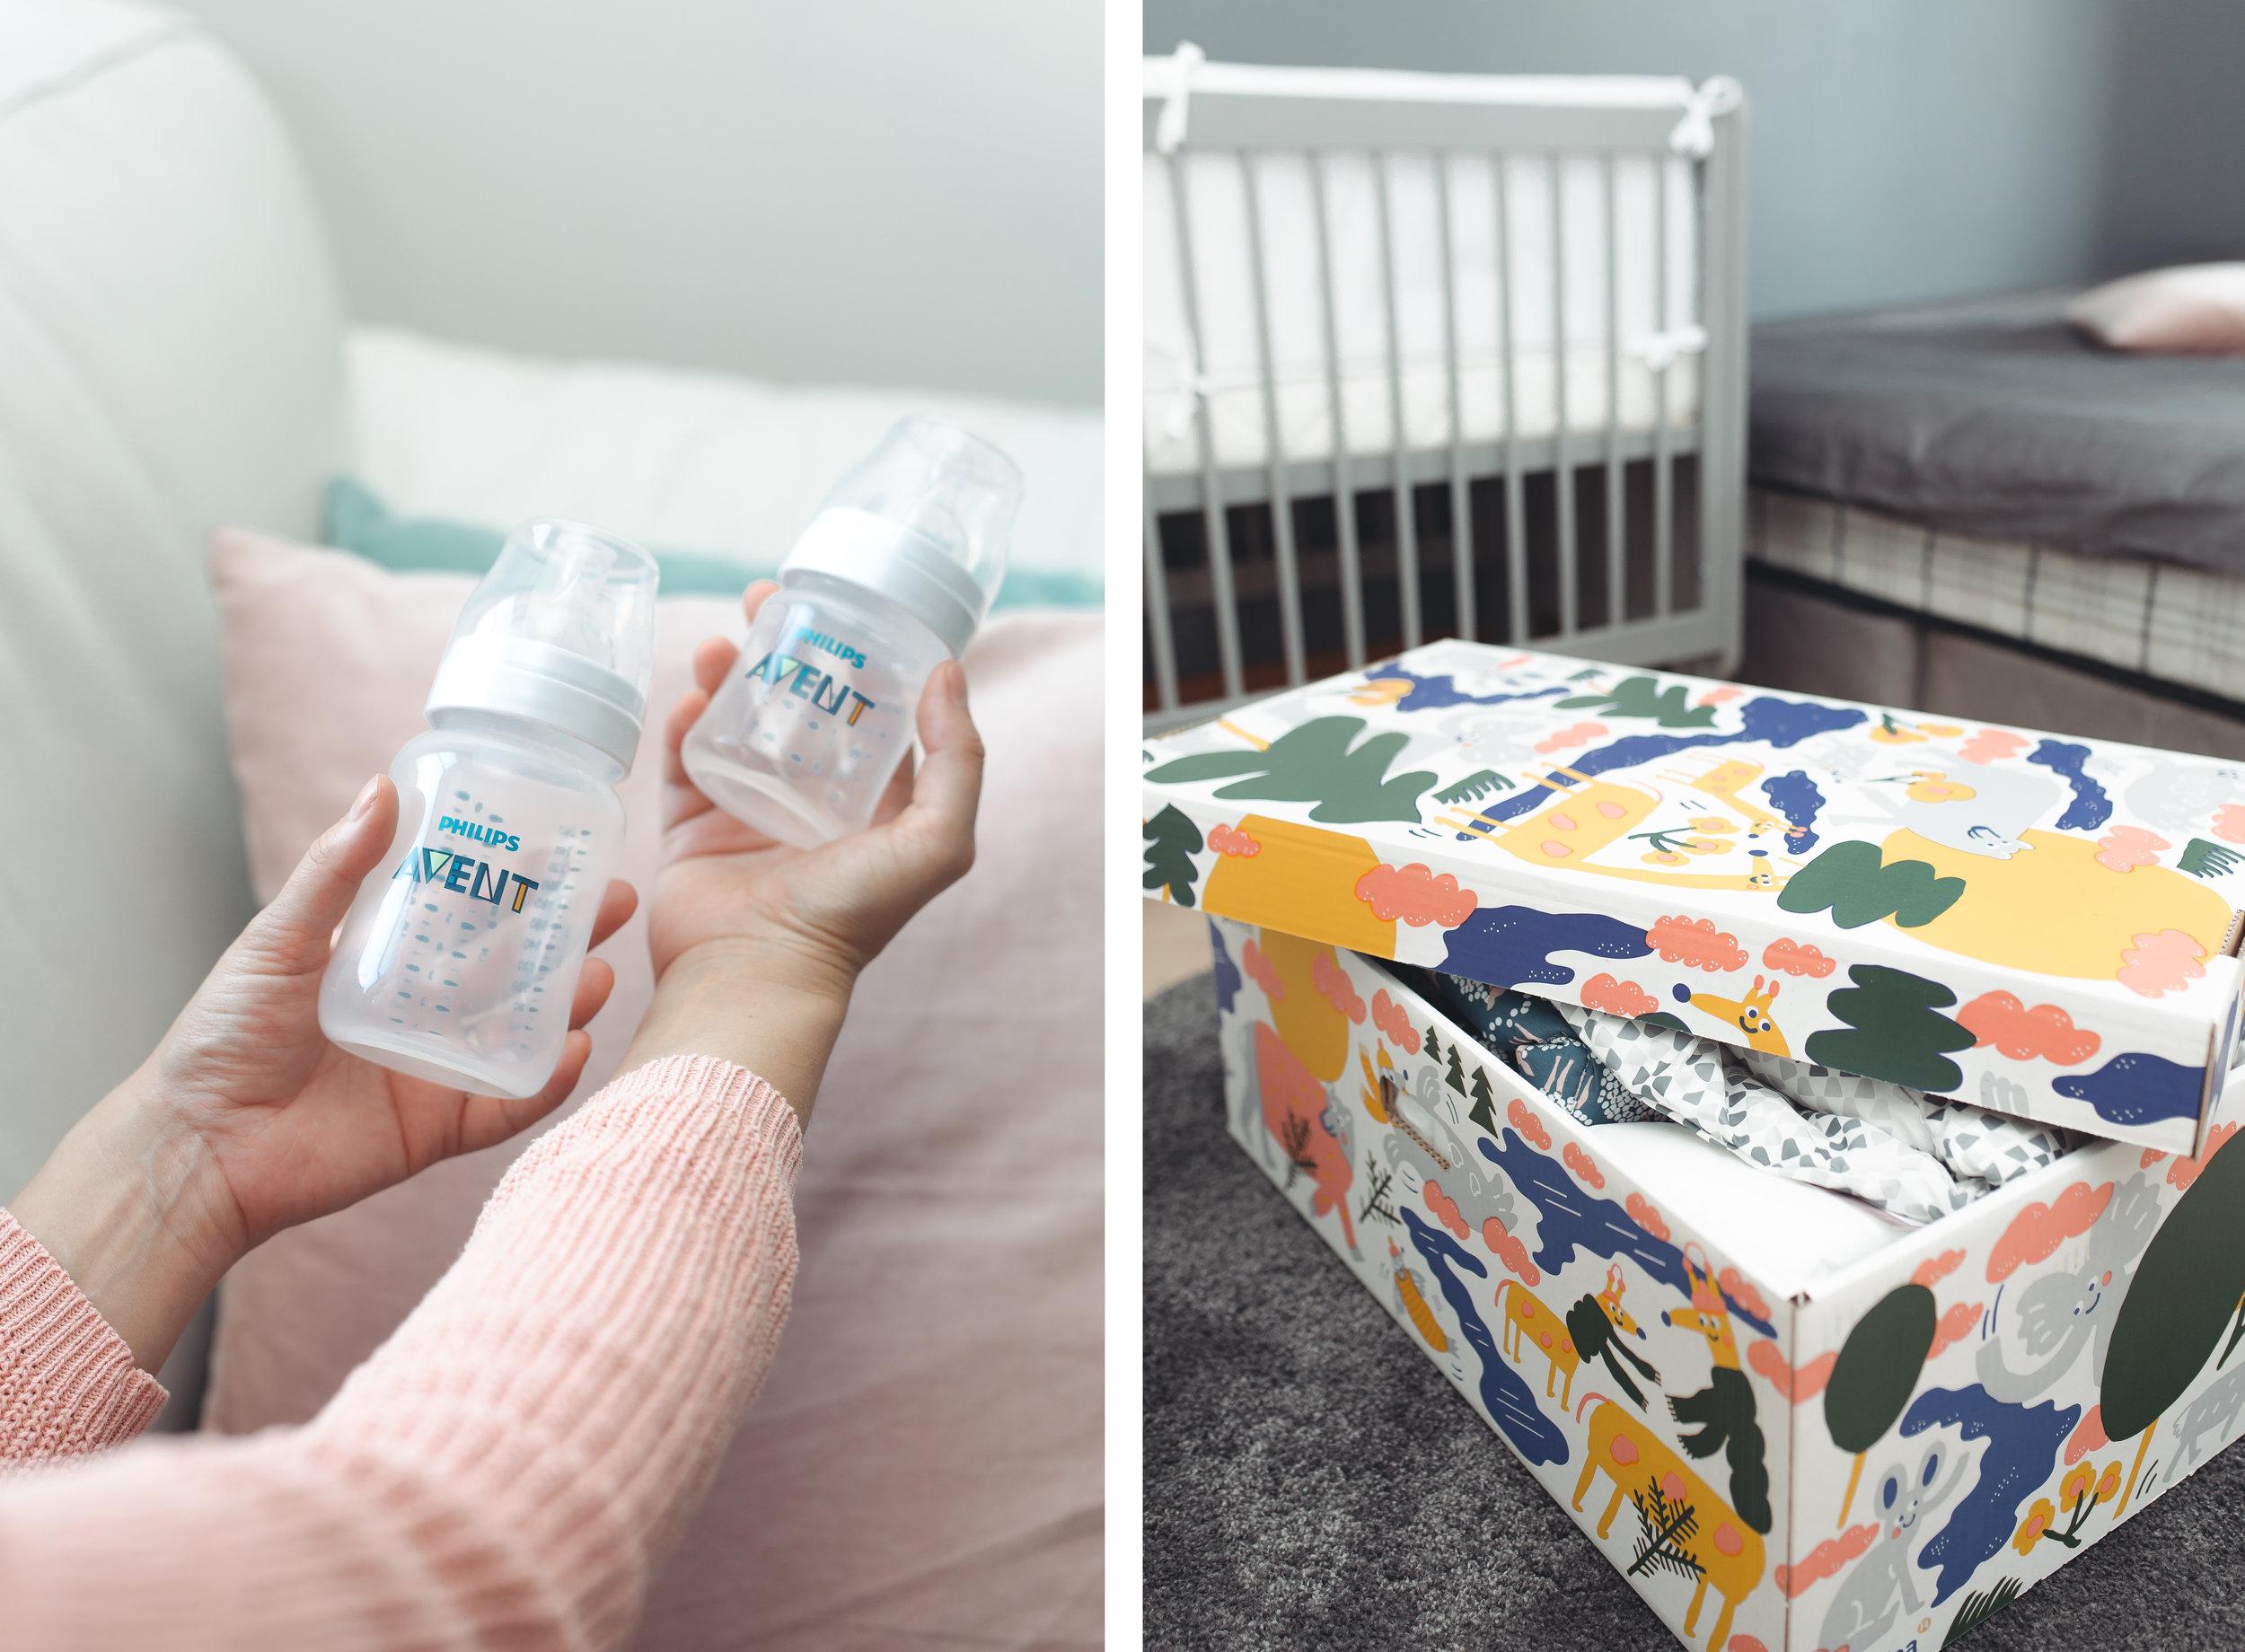 Valitsimme Philips Avent tuttipullot. Äitiyspakkaus oli täynnä tarpeellisia vaatteita ja tavaroita vauvalle.